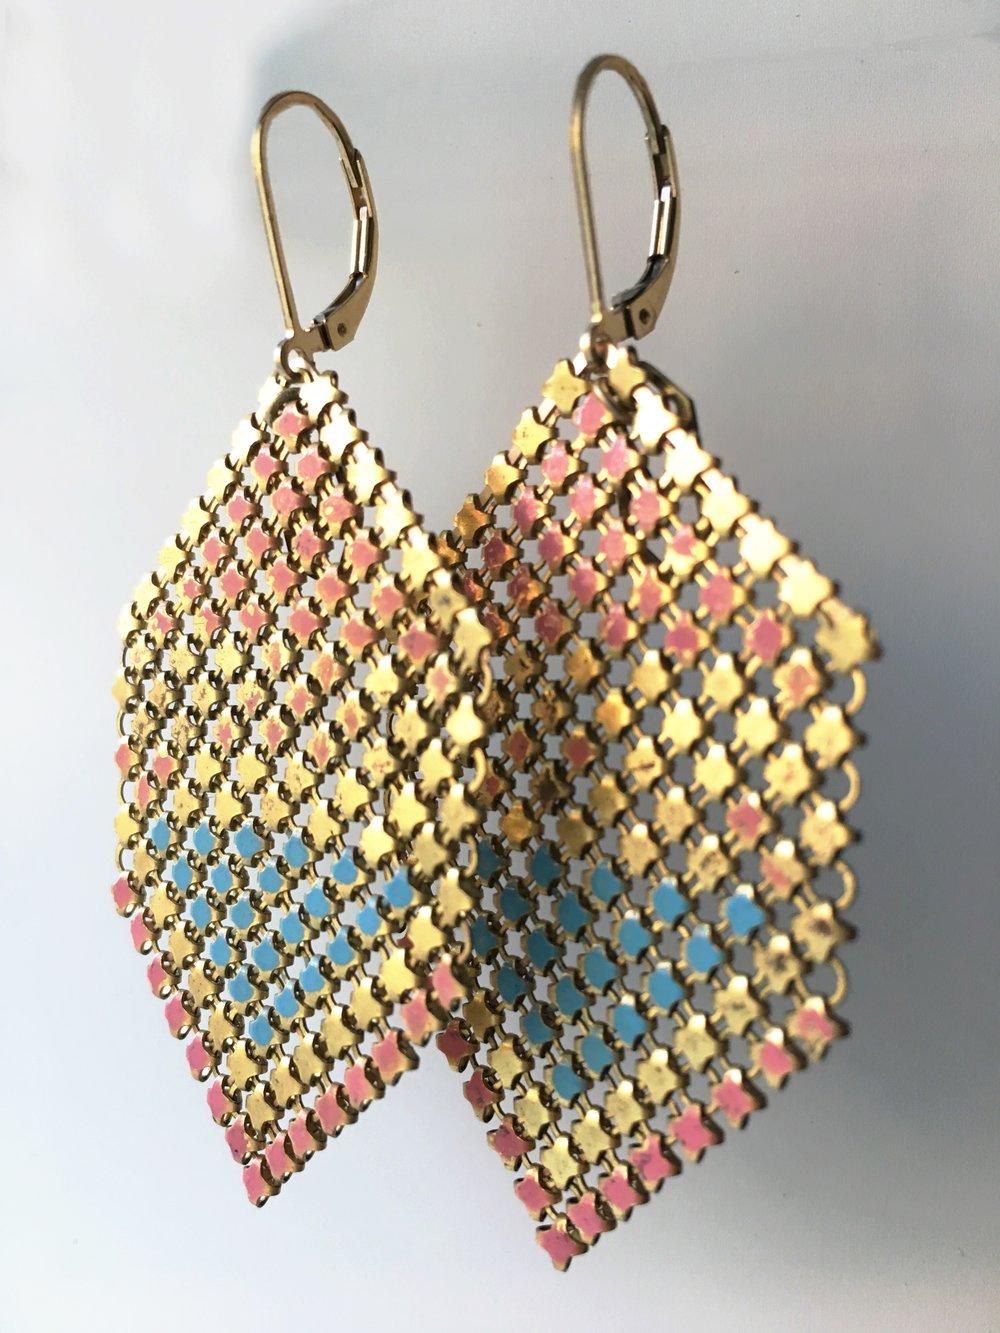 antique-mesh-handmade-earrings-maralrapp.JPG